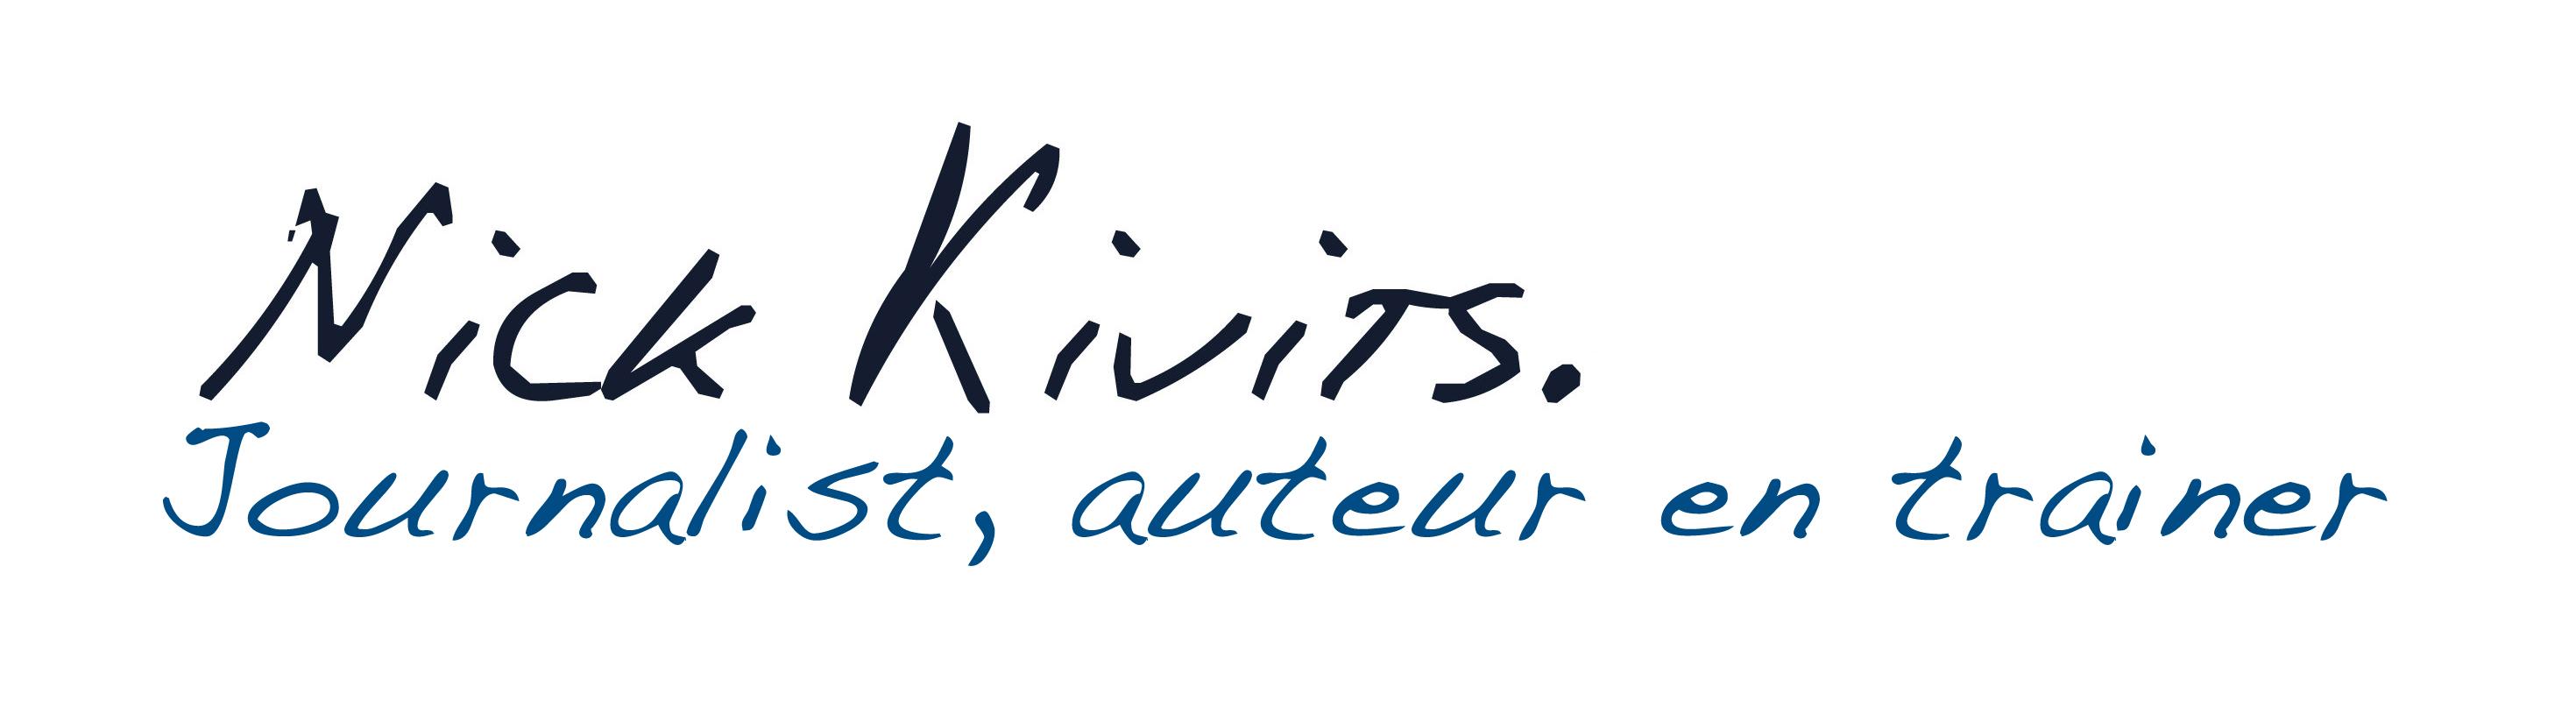 Nick Kivits